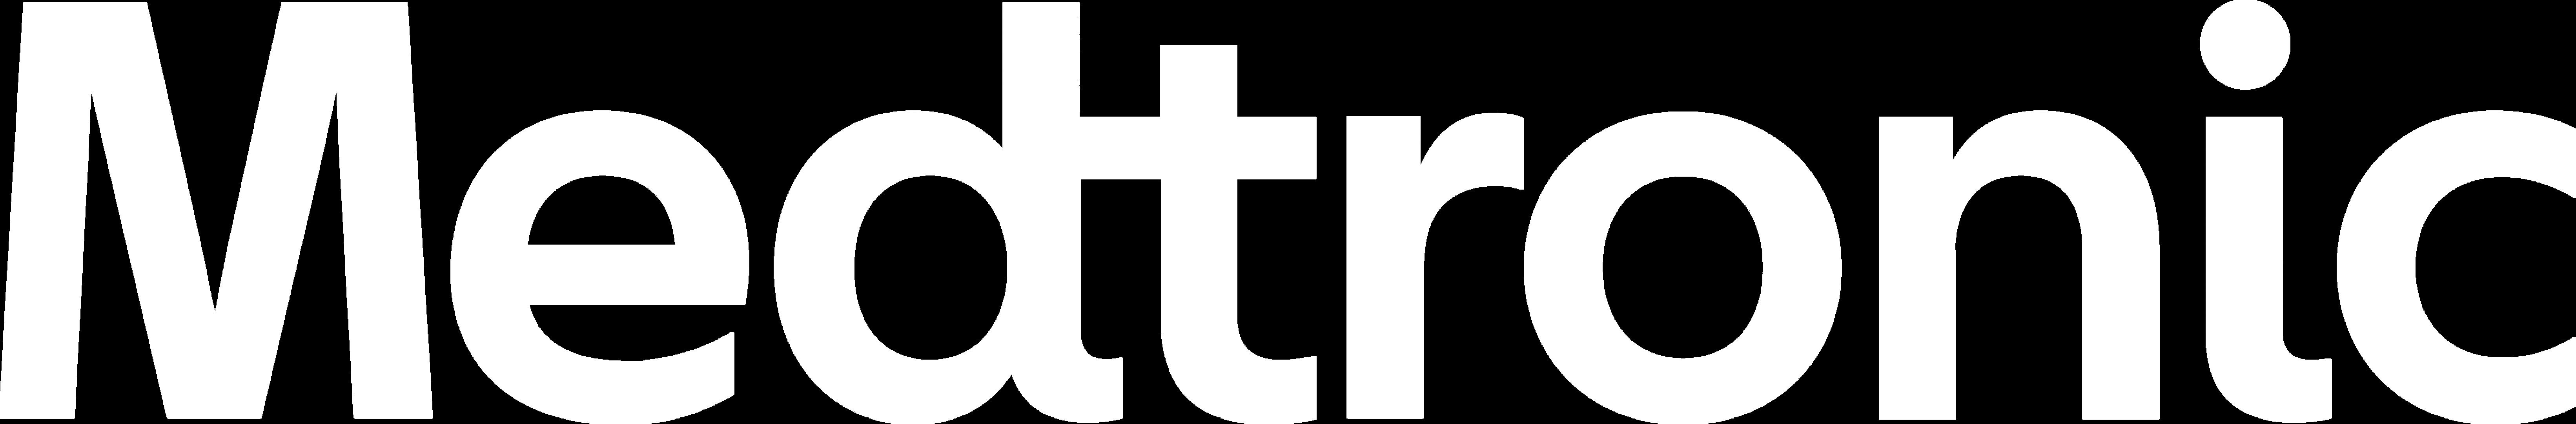 white-Medtronic_logo.png